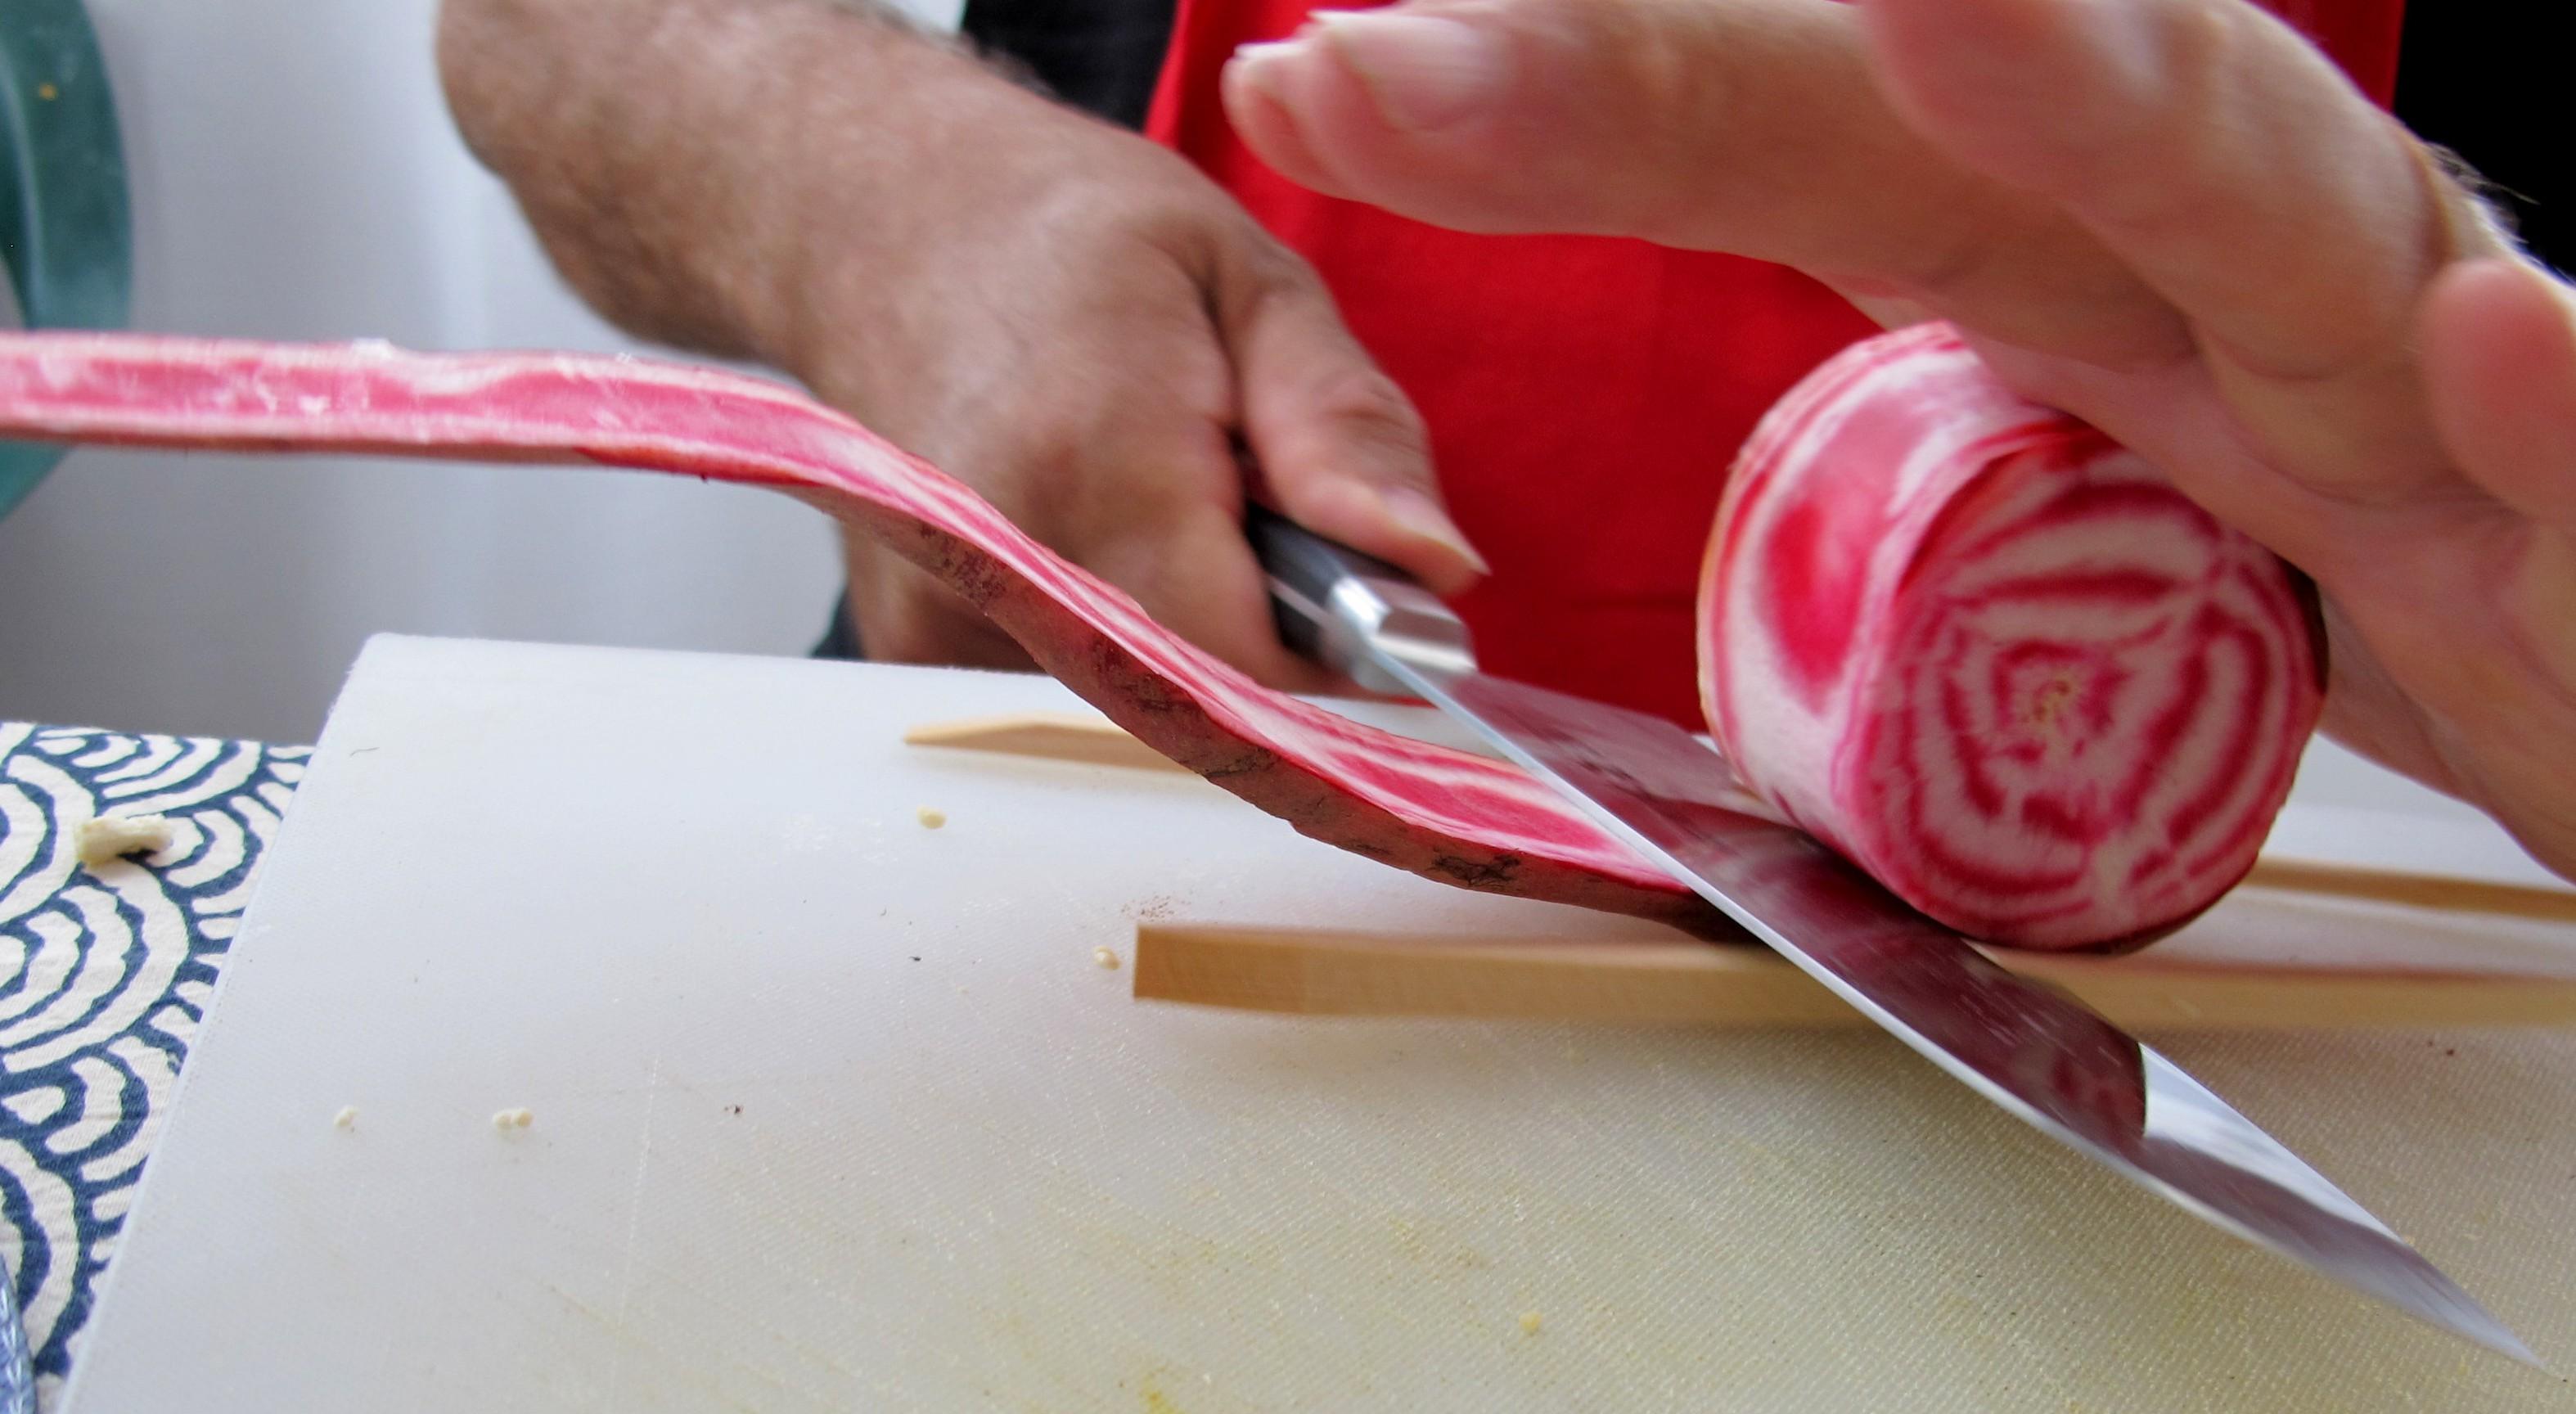 בועז מקלף סלק צבעוני בשיטה די מגניבה.